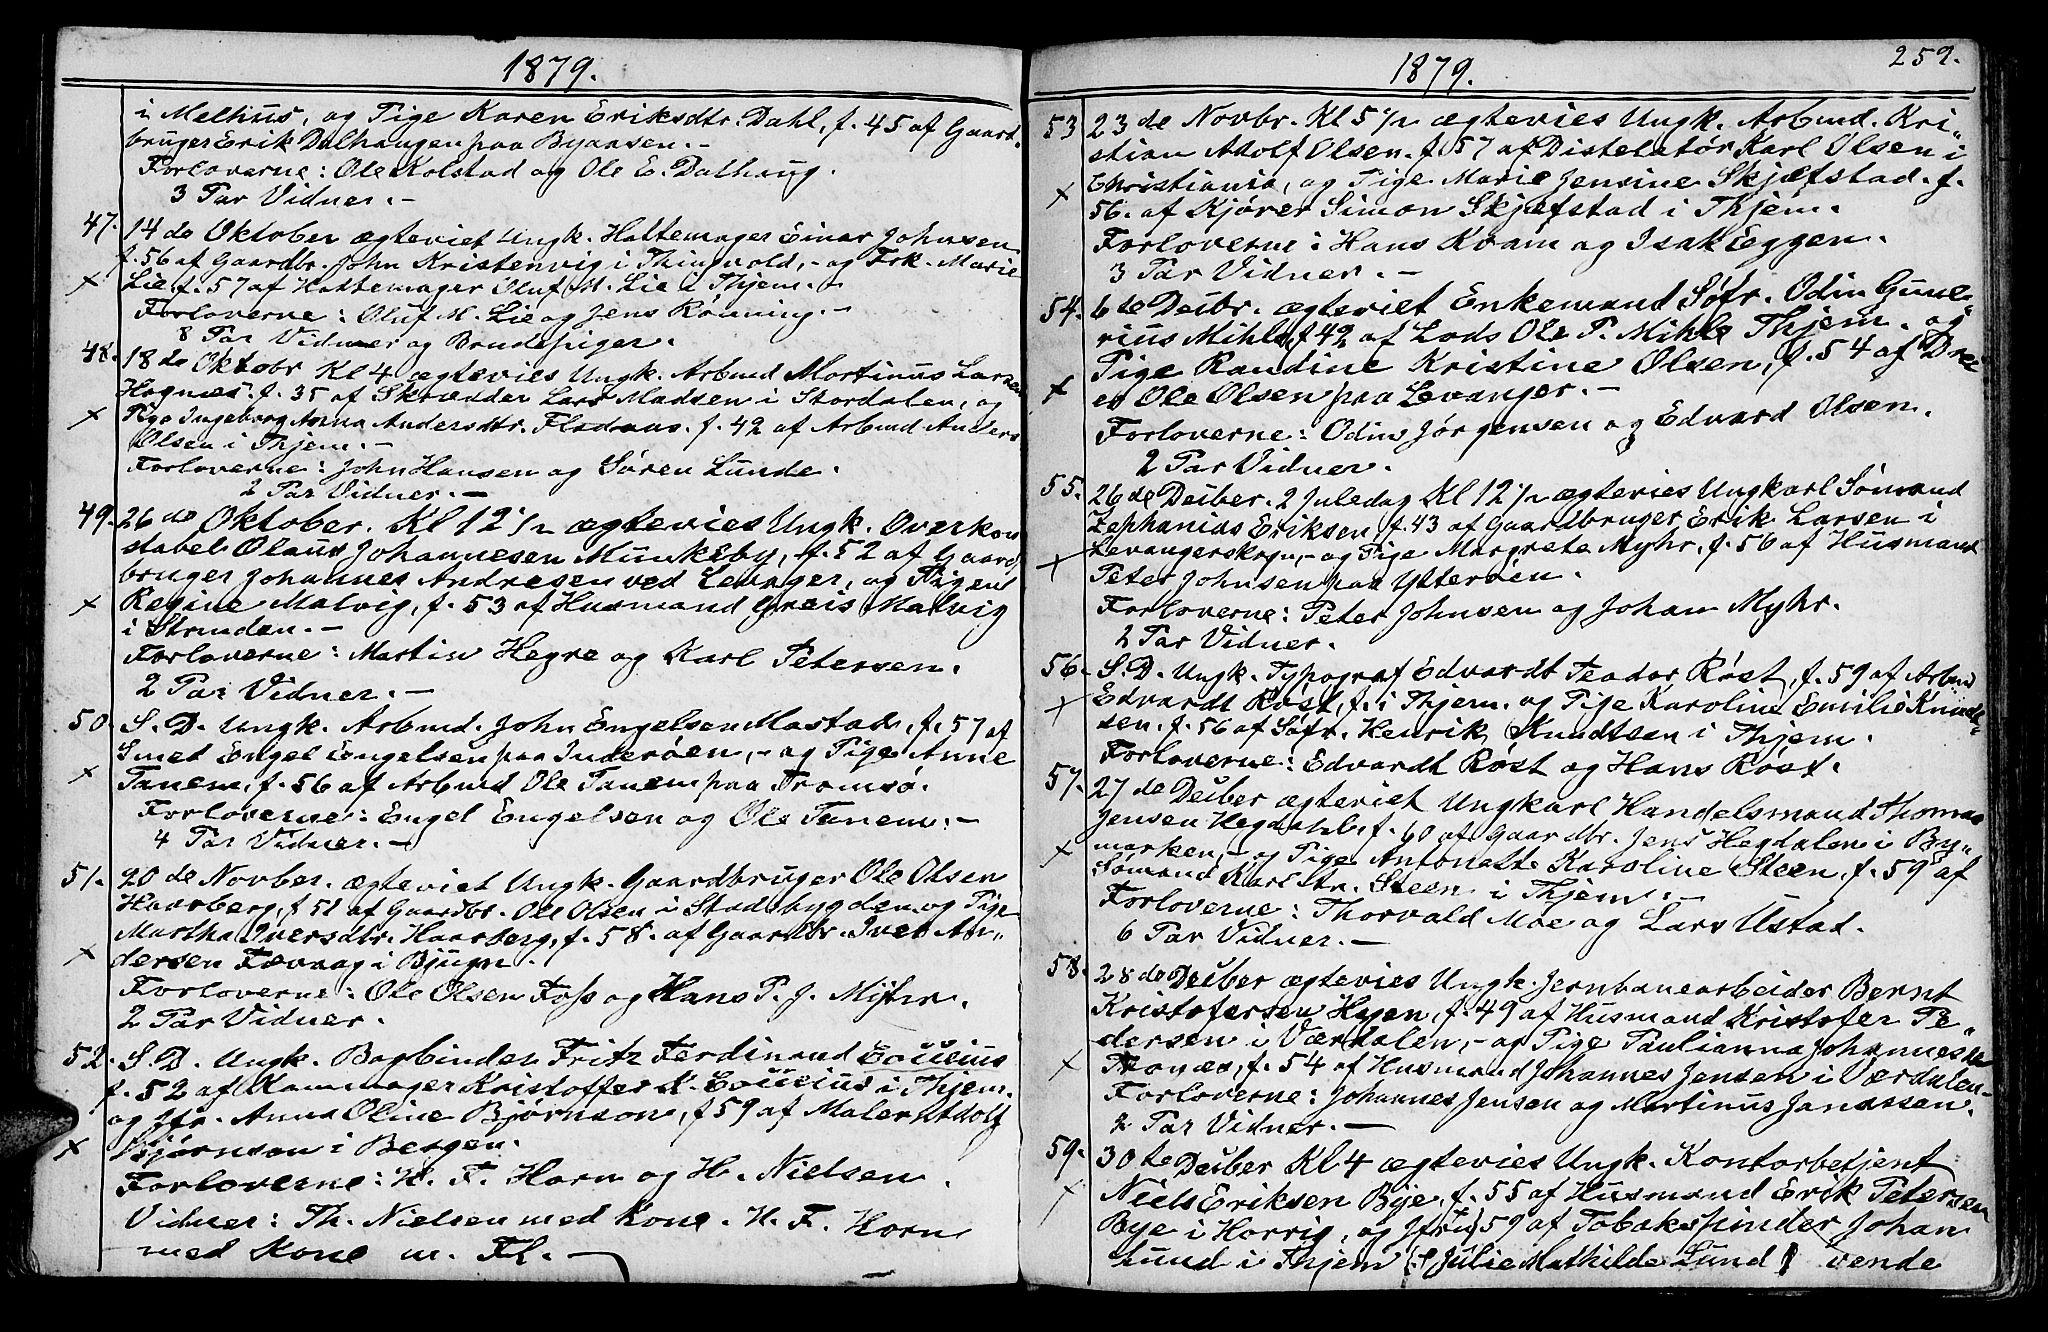 SAT, Ministerialprotokoller, klokkerbøker og fødselsregistre - Sør-Trøndelag, 602/L0142: Klokkerbok nr. 602C10, 1872-1894, s. 259b